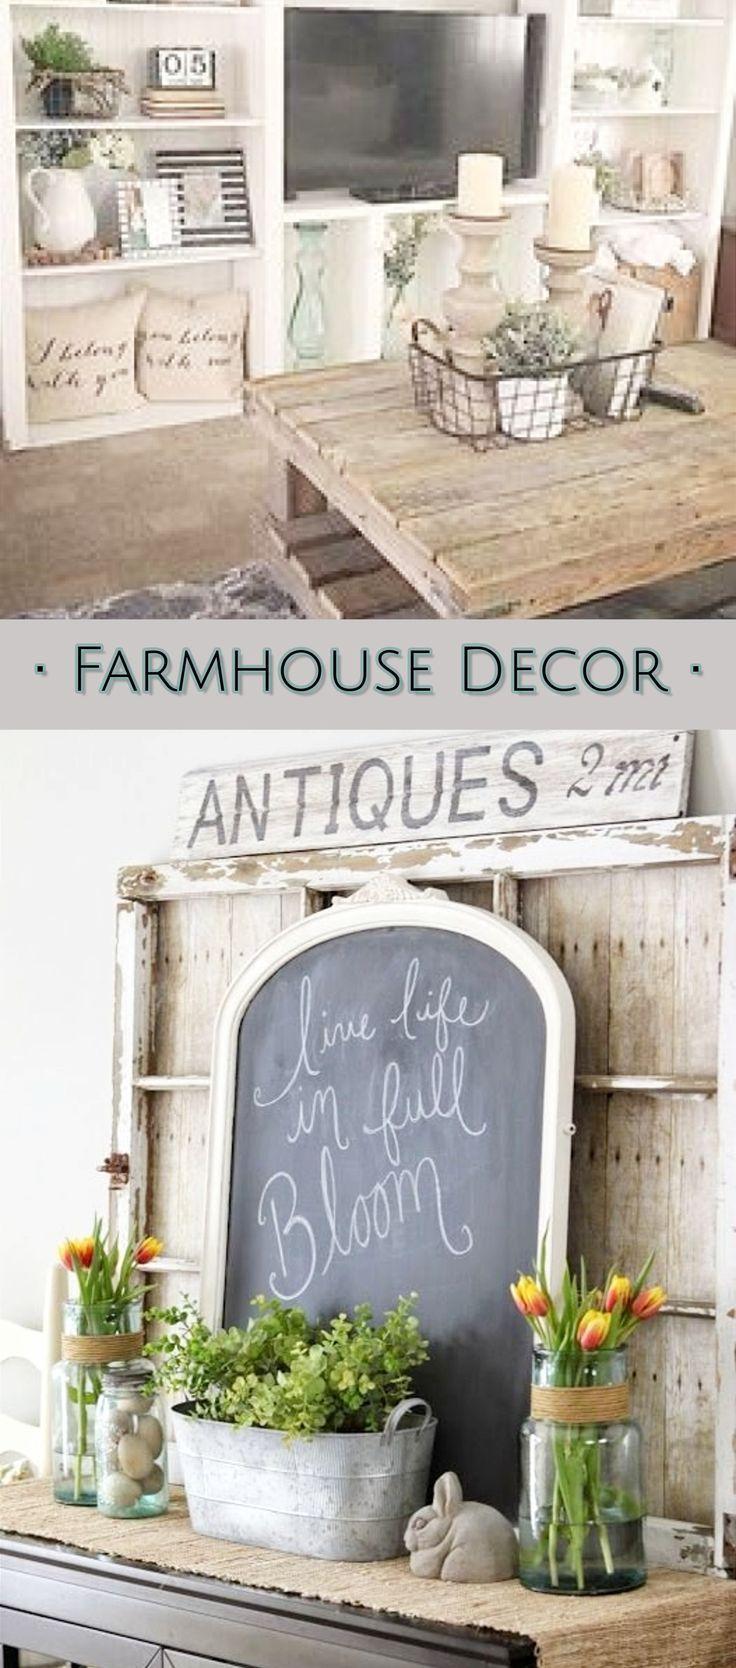 Farmhouse Decor Ideas - gorgeous pictures of rustic farmhouse decorating ideas #diyhomedecor #farmhouse decor #farmhousestyle #homedecorideas